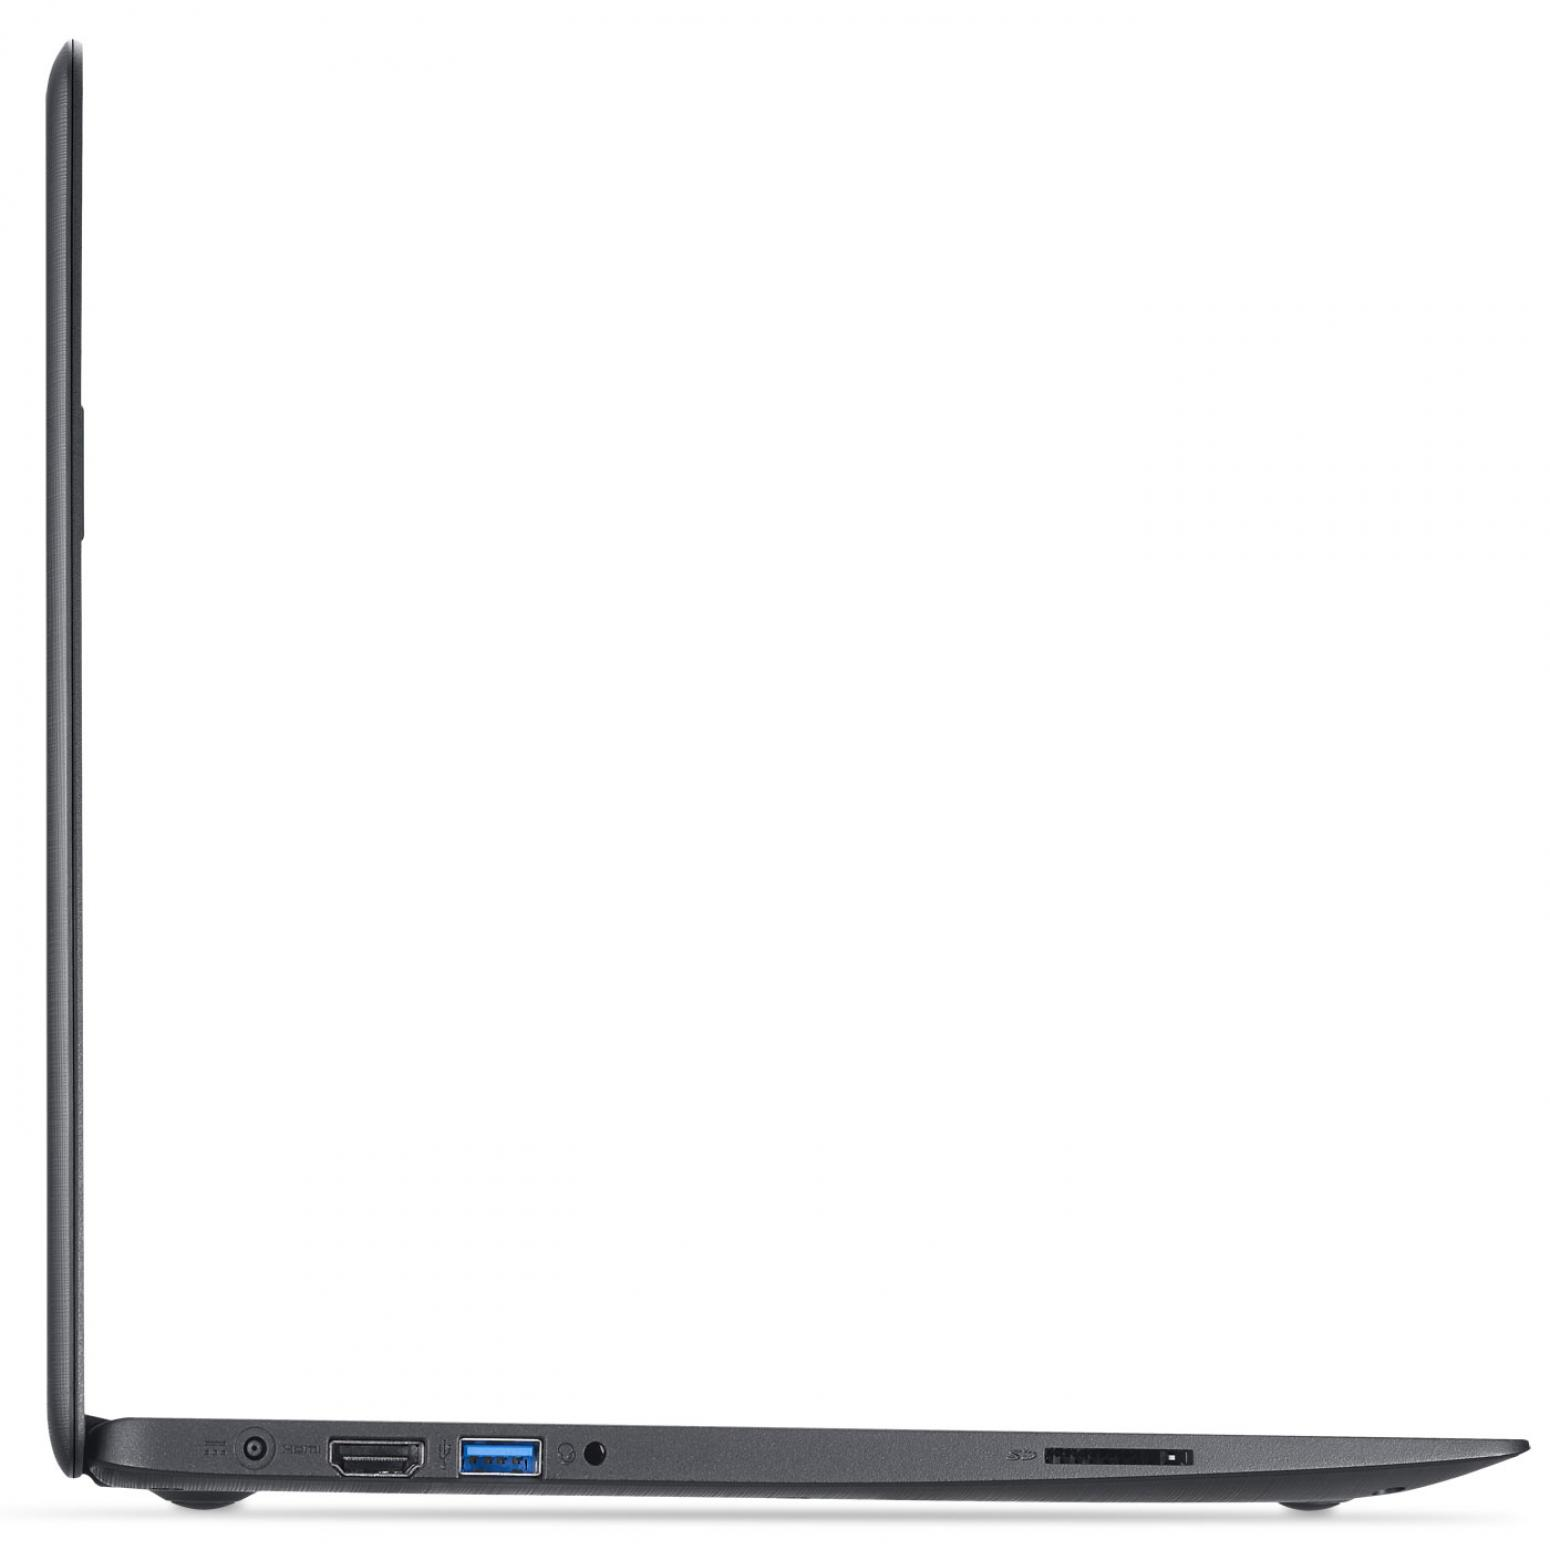 Ordinateur portable Acer Swift 1 SF114-31-P9N8 Noir - photo 4